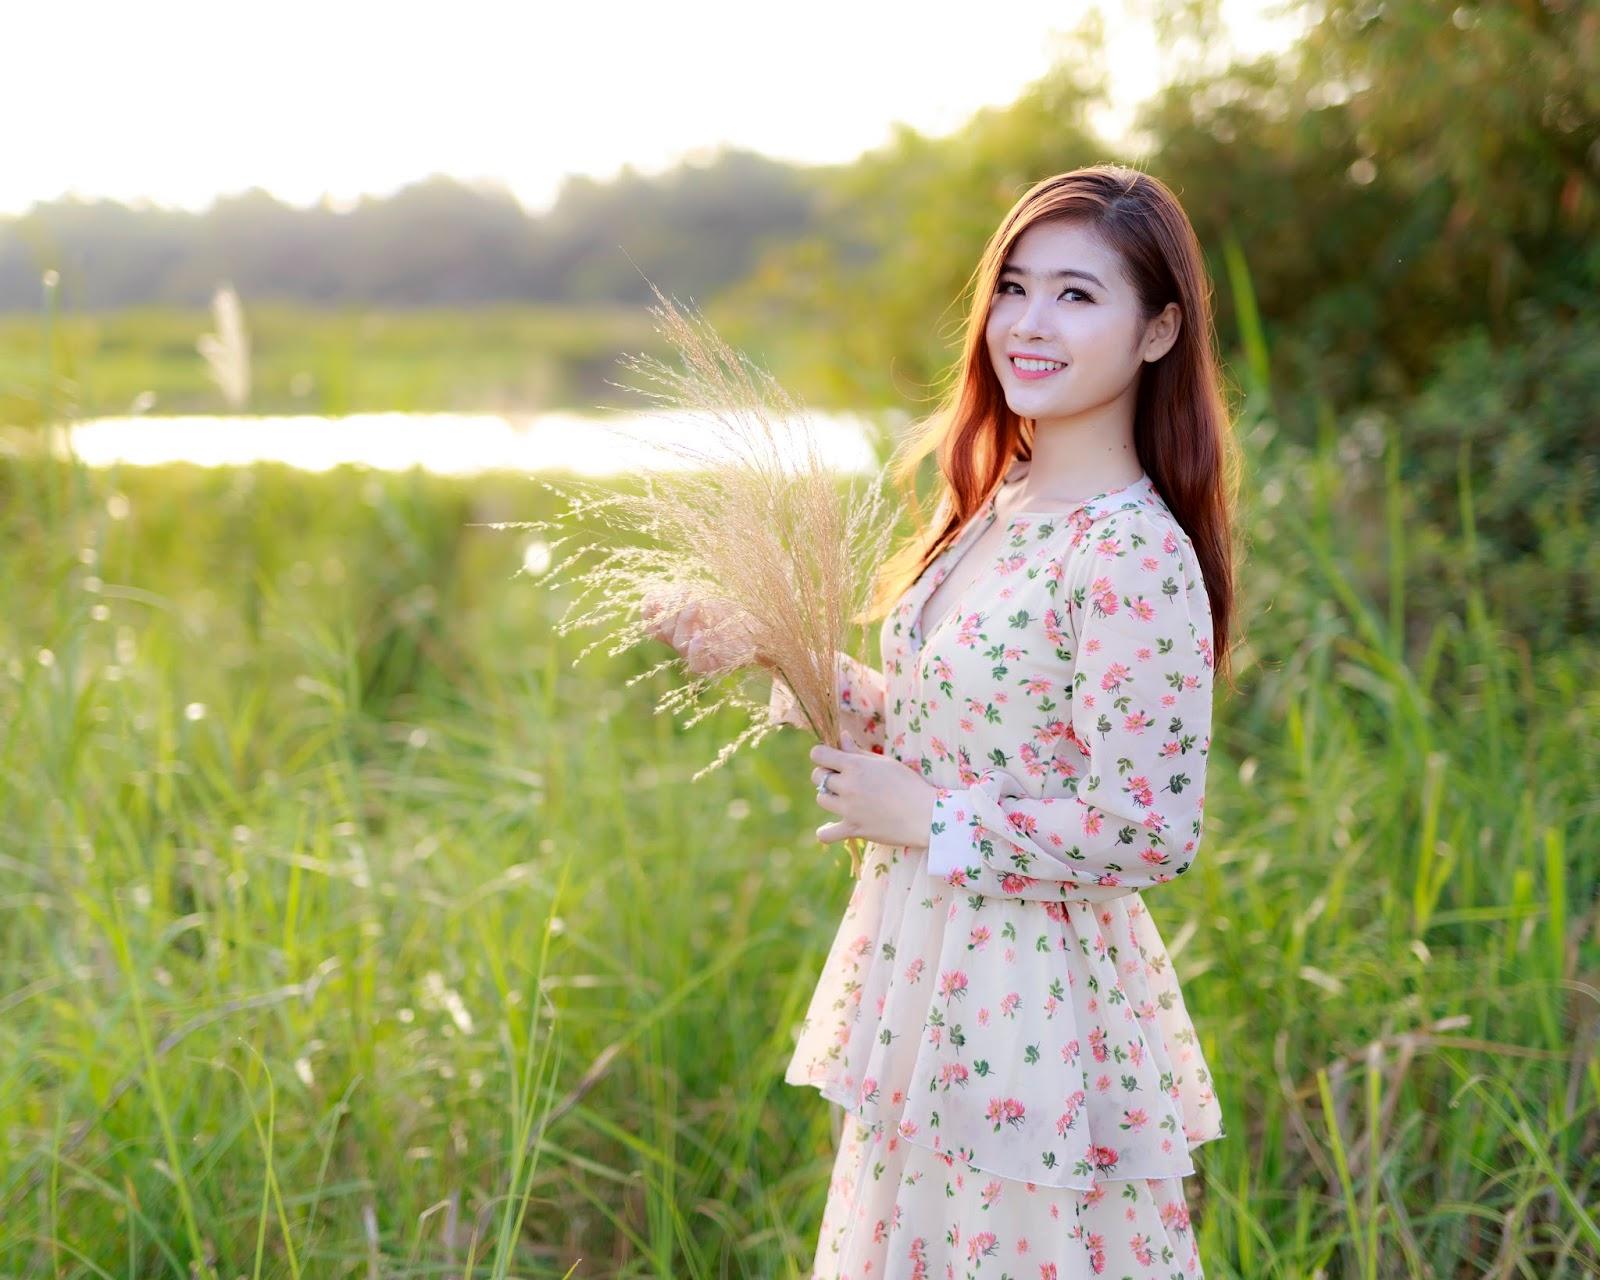 Hướng Dẫn Cách Tạo Dáng Chụp ảnh Thời Trang đẹp Và Phong Cách